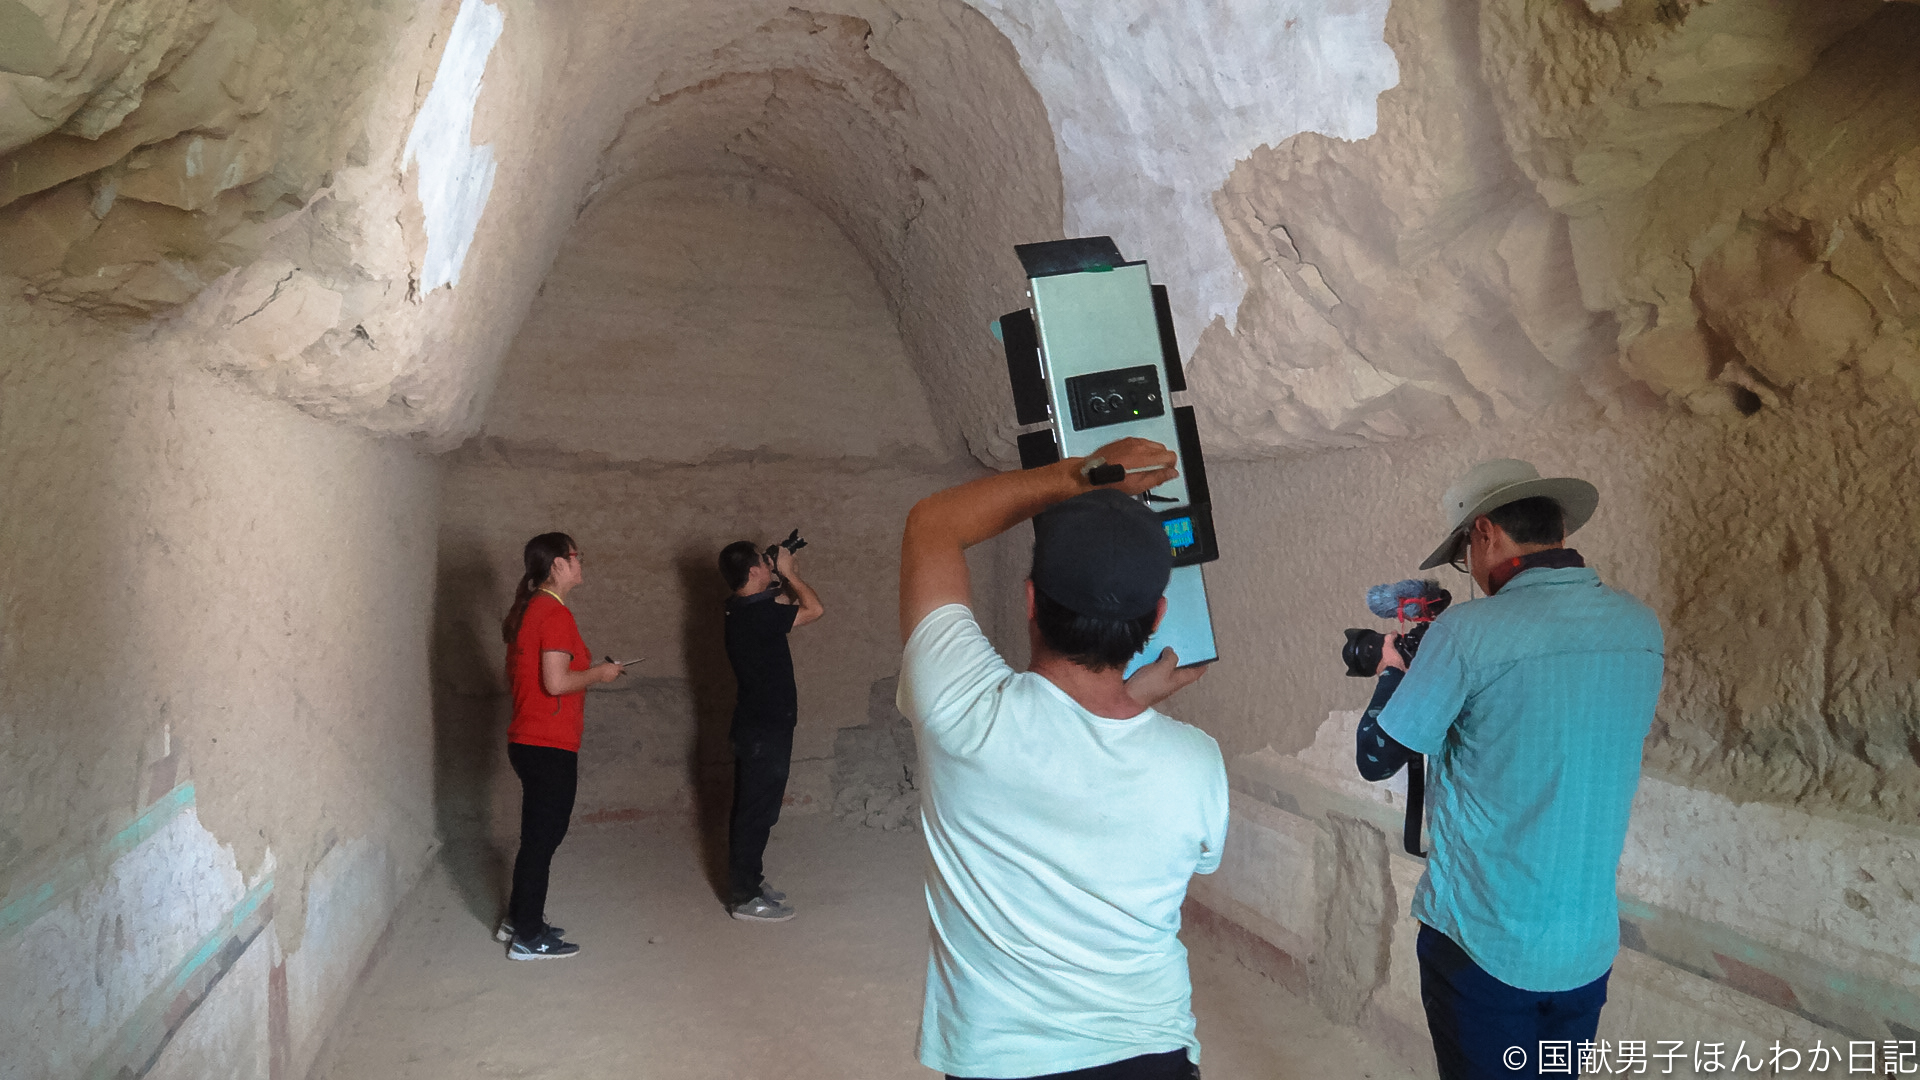 亀茲研究院が212窟で調査中(撮影:筆者)